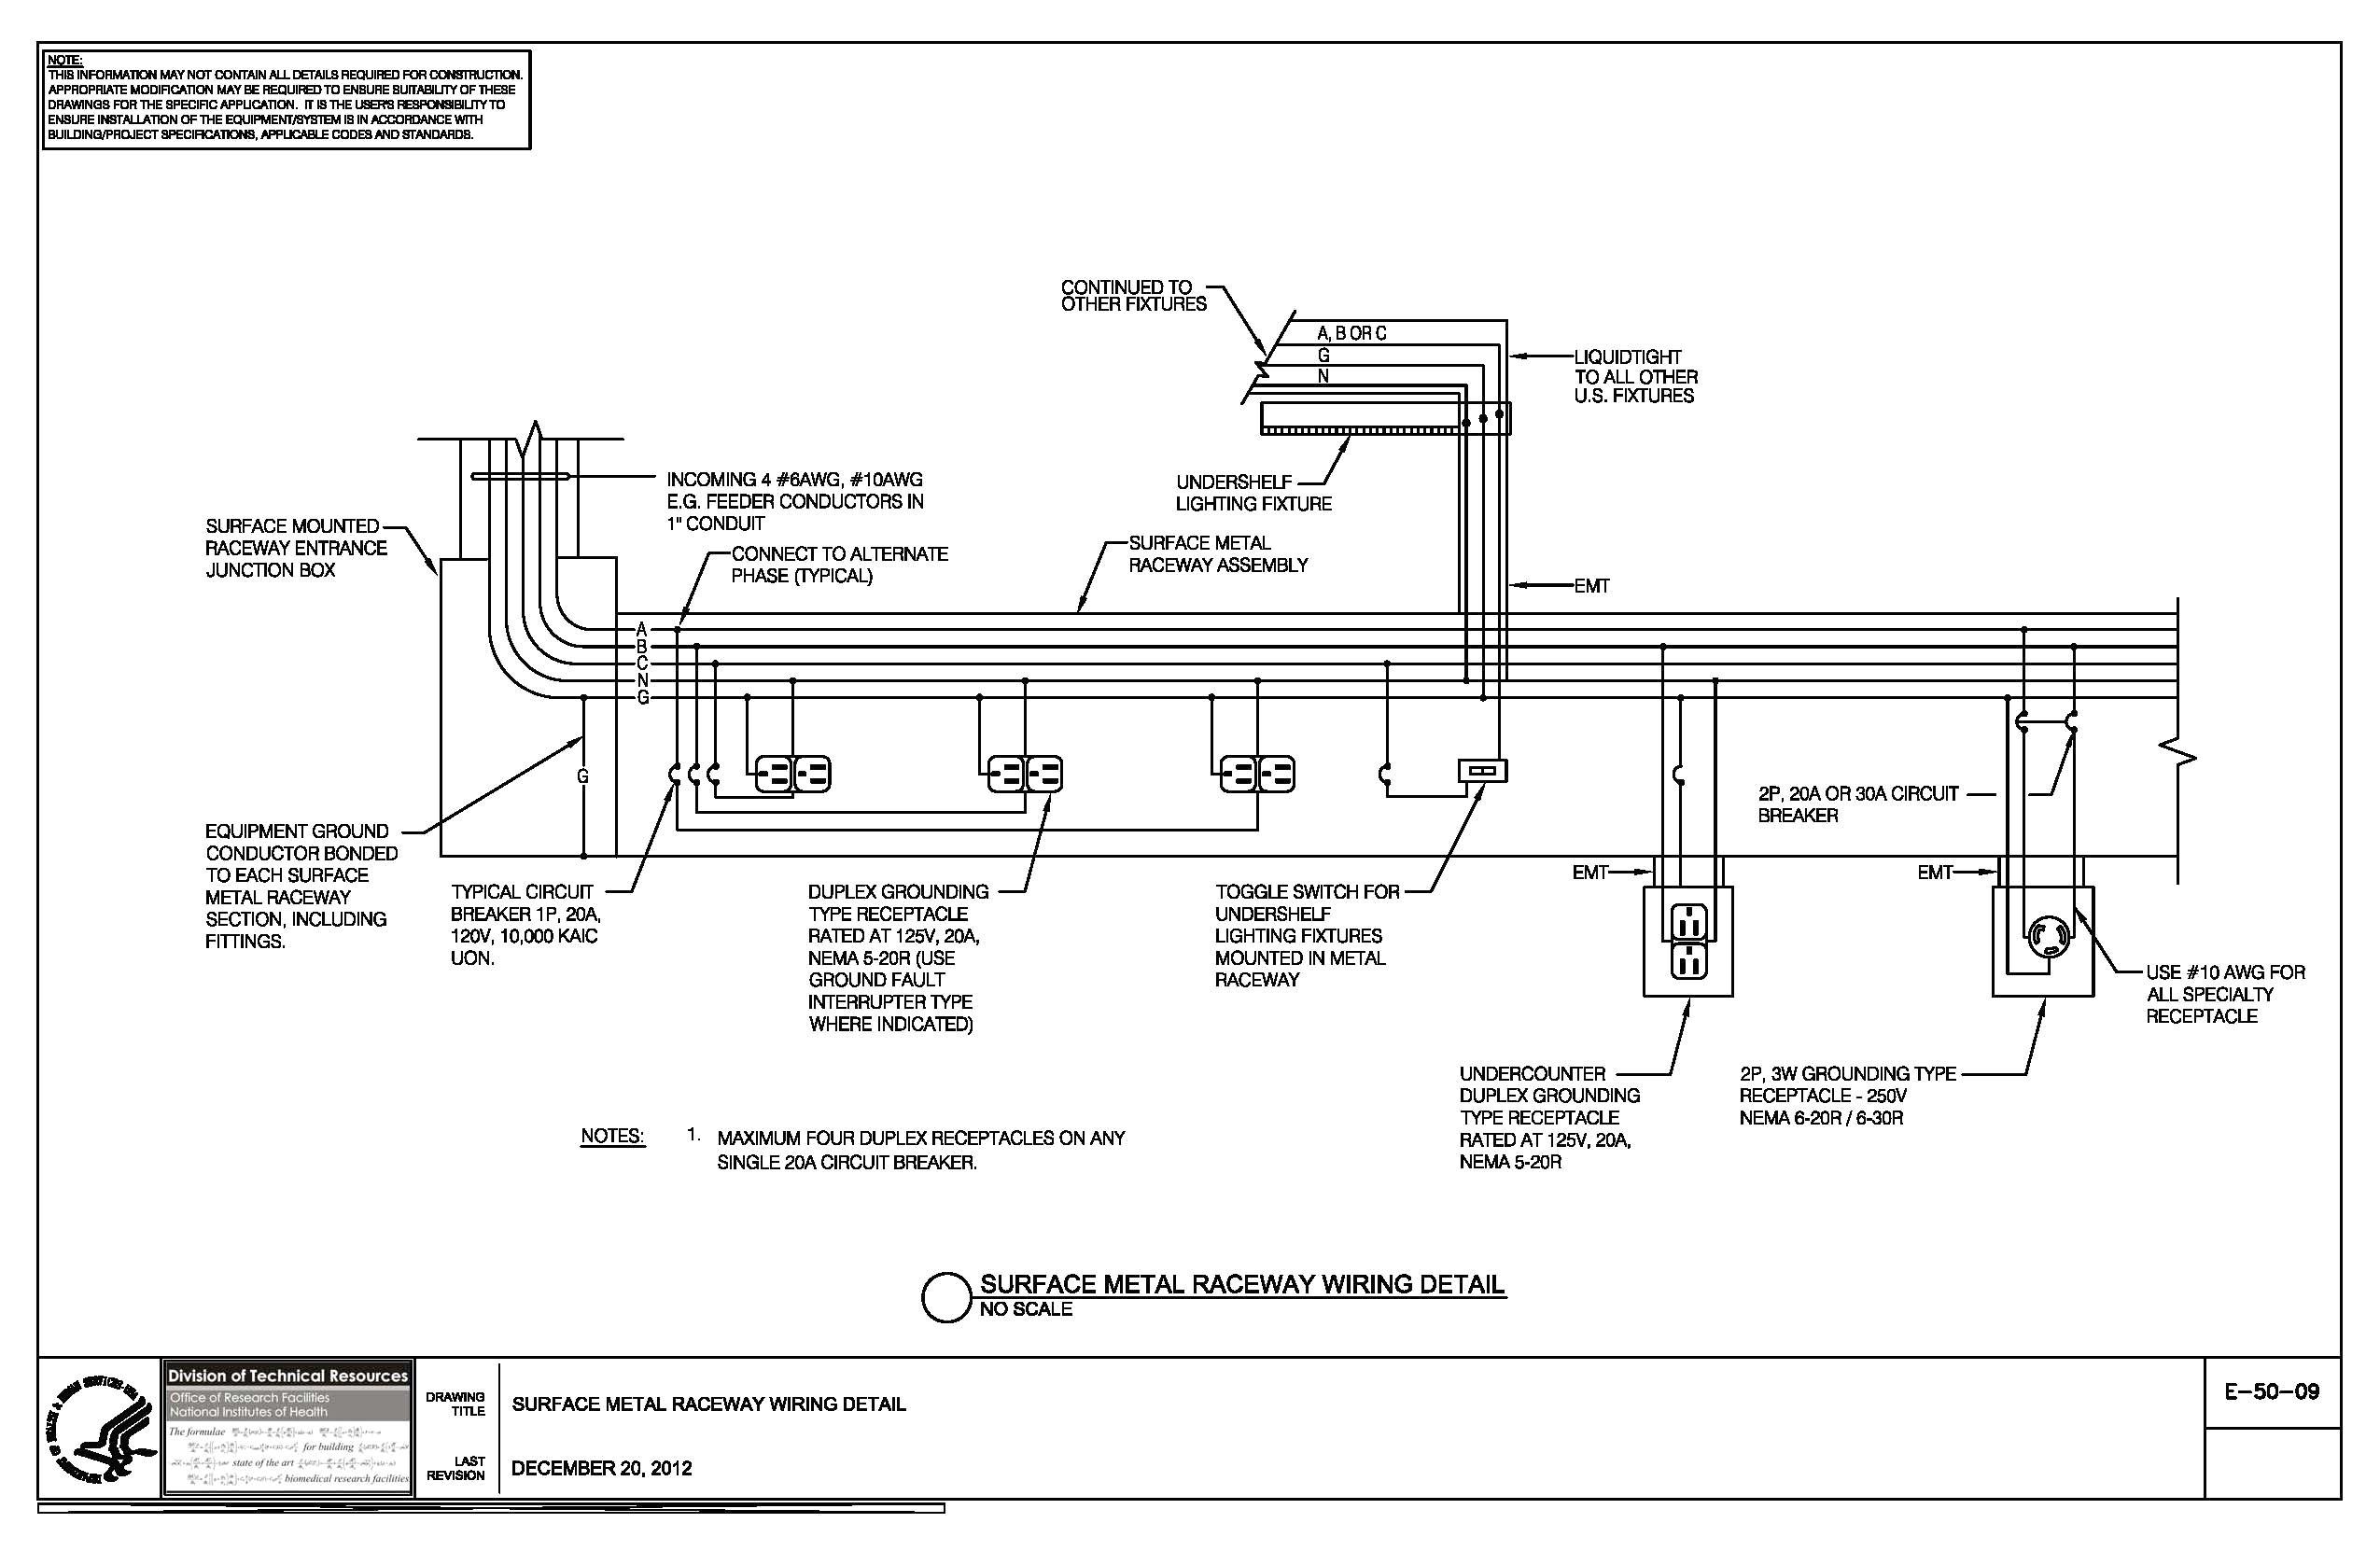 20a generator wiring diagram basic electronics wiring diagram onan rv generator wiring diagram onan generator wiring